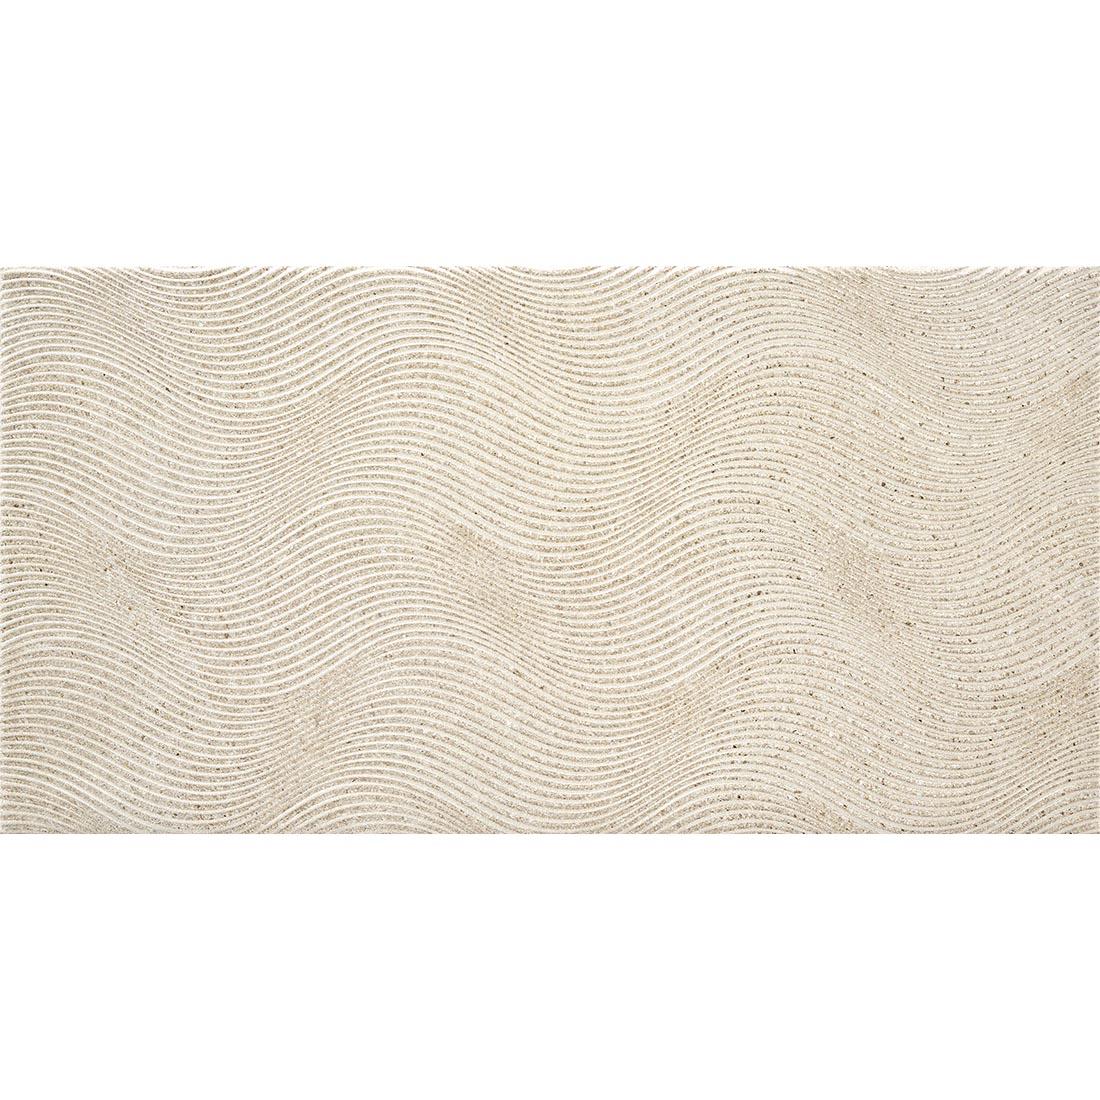 Valley Relief 31.6x60.8 Beige Matt 1